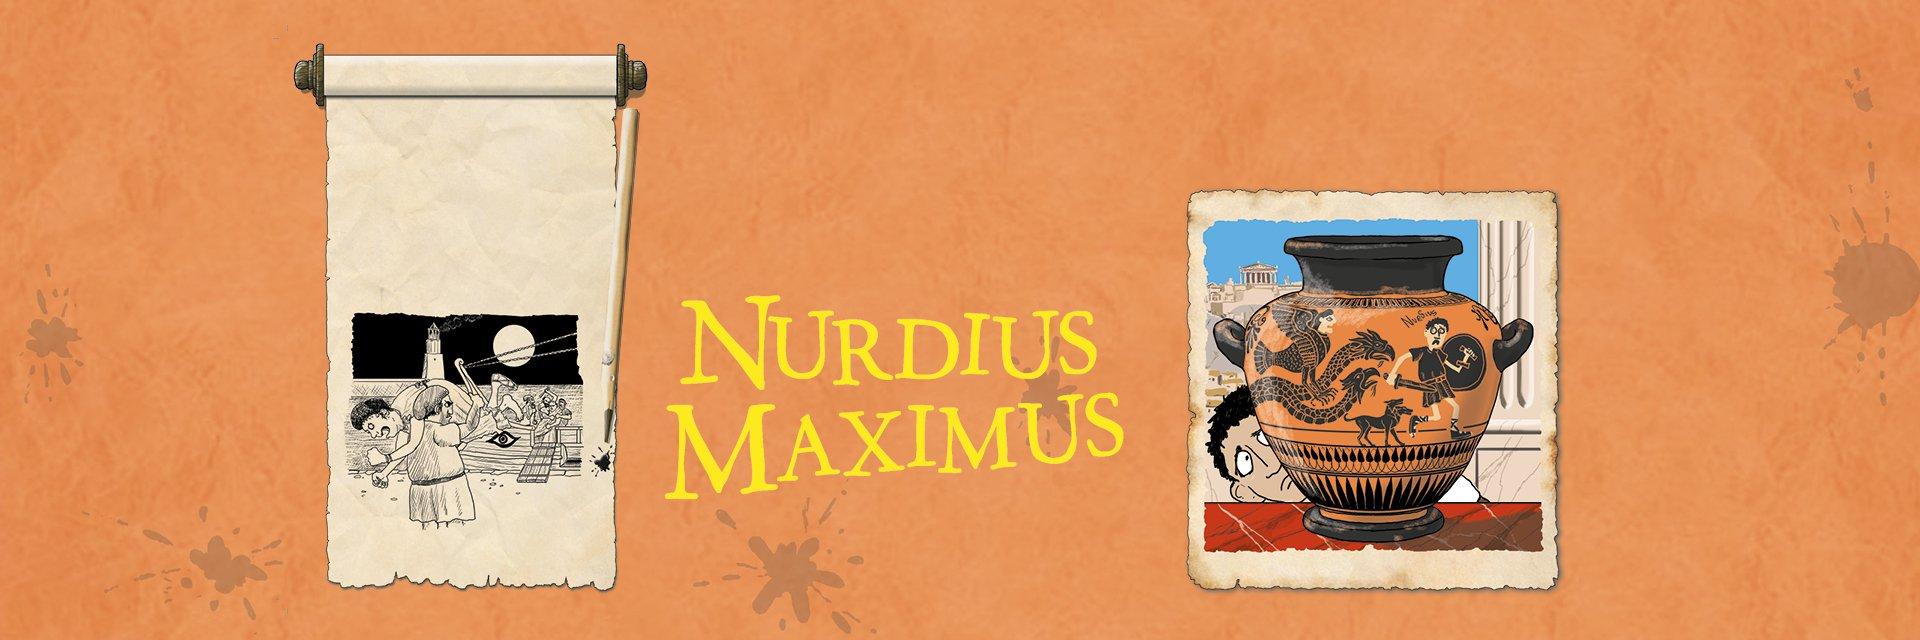 Nurdius Maximus - Tim Collins - Andrew Pinder